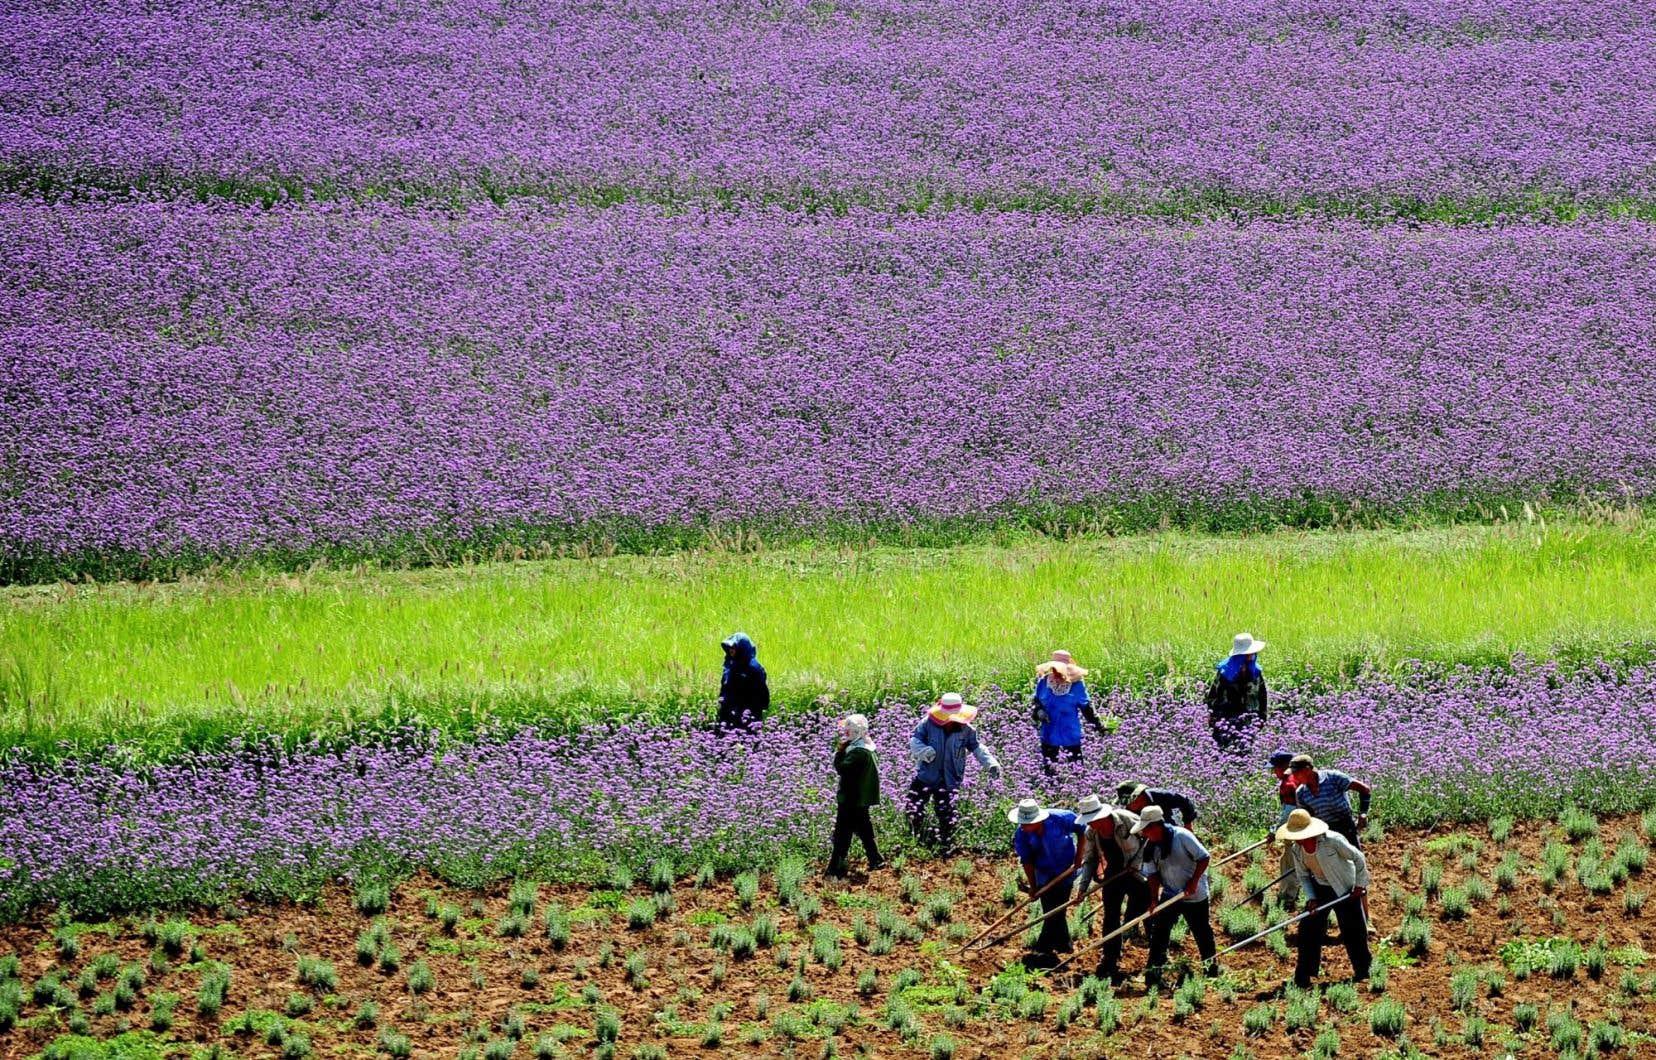 Des travailleurs agricoles à l'œuvre dans un champ de lavande dans la province du Liaoning. La Chine, qui a dévalué sa monnaie deux fois en autant de jours, tente d'accroître ses exportations pour raffermir son économie. Cette double dévaluation a semé l'inquiétude sur les marchés.